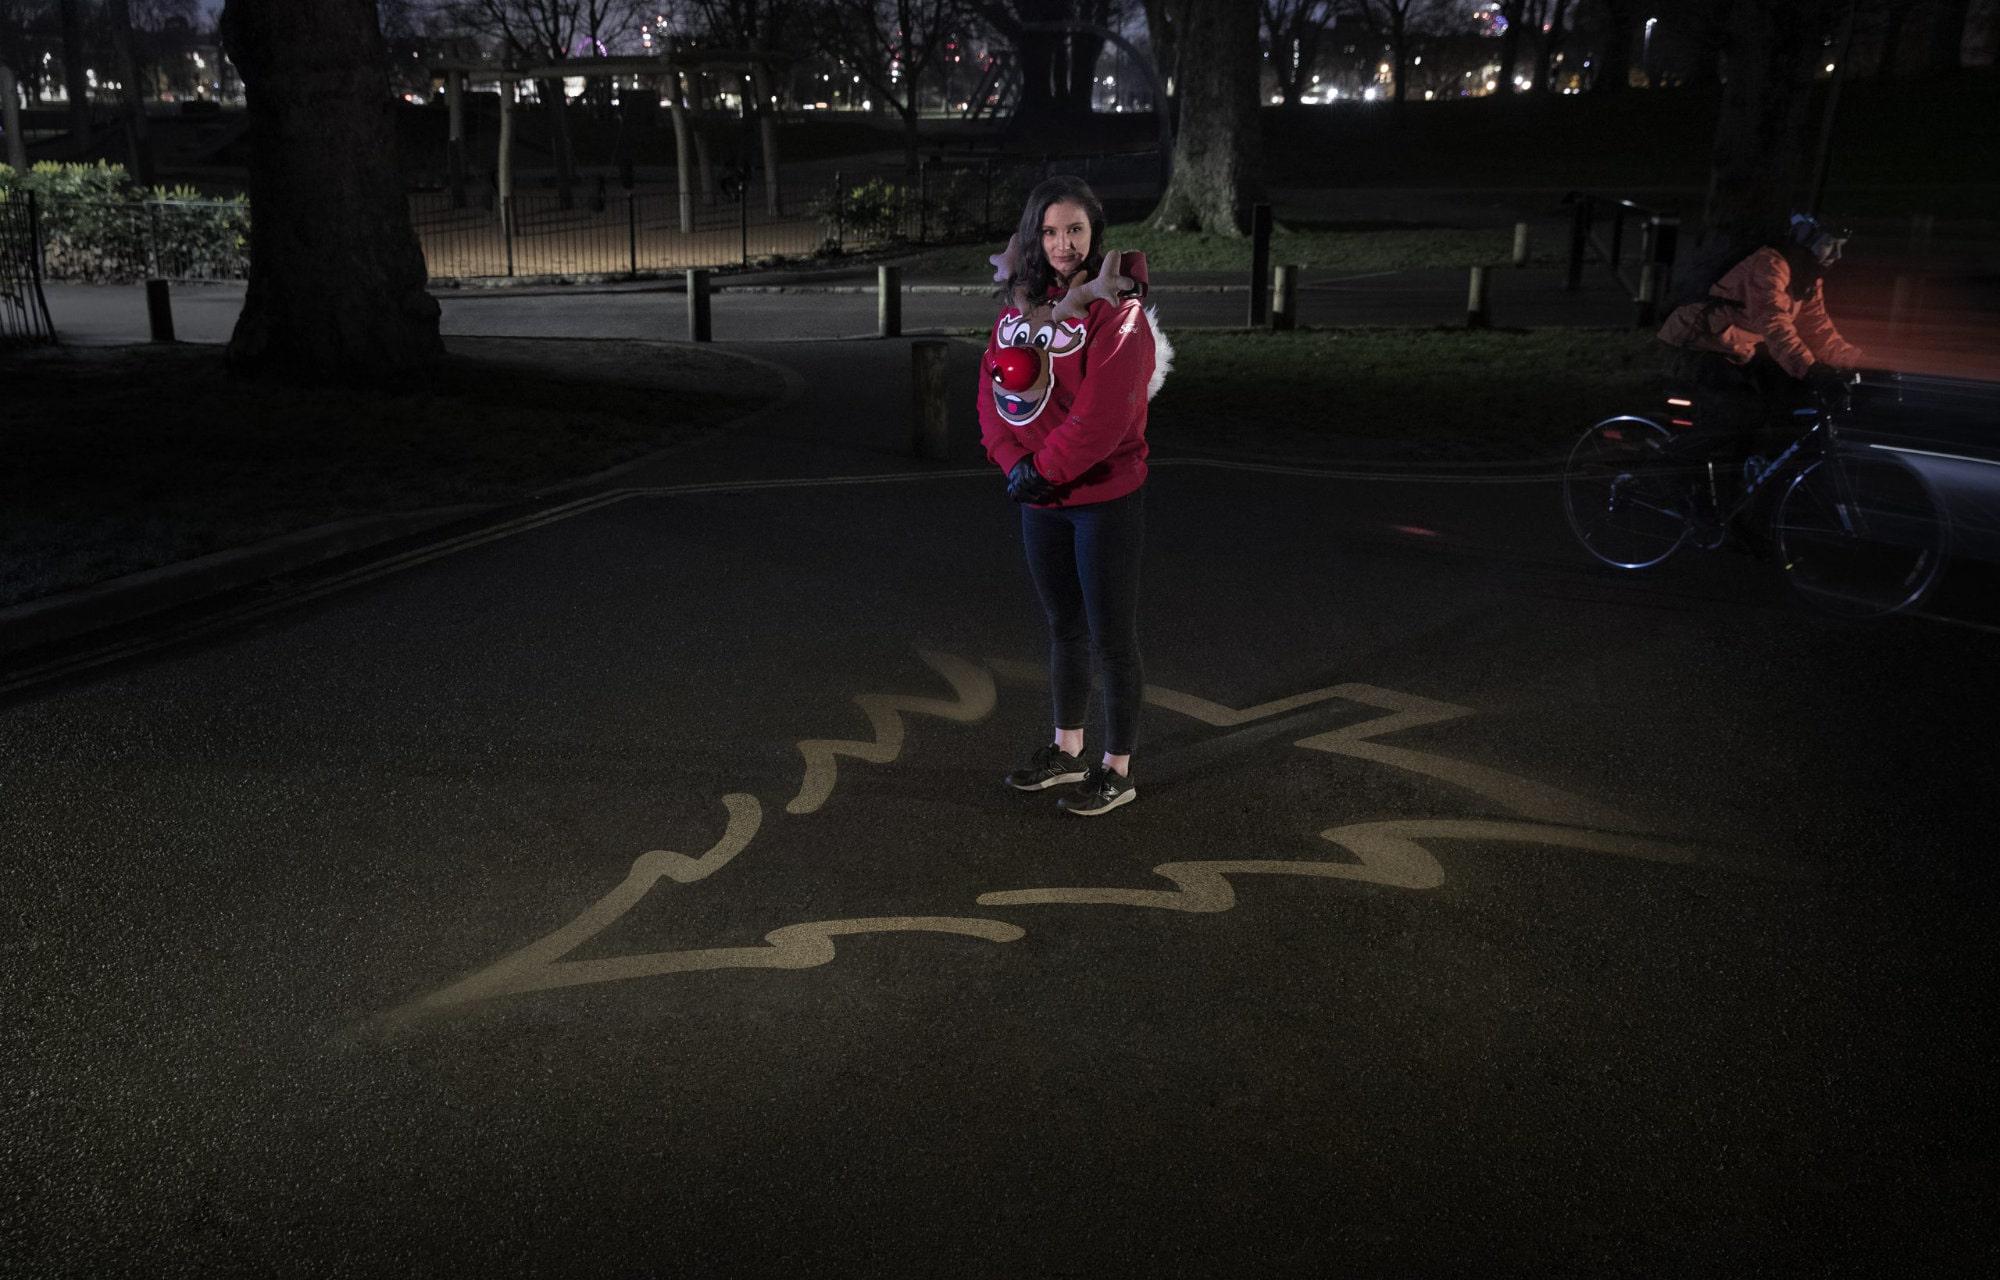 kerst trui, anderhalfmeter afstand houden door licht op de grond te projecteren